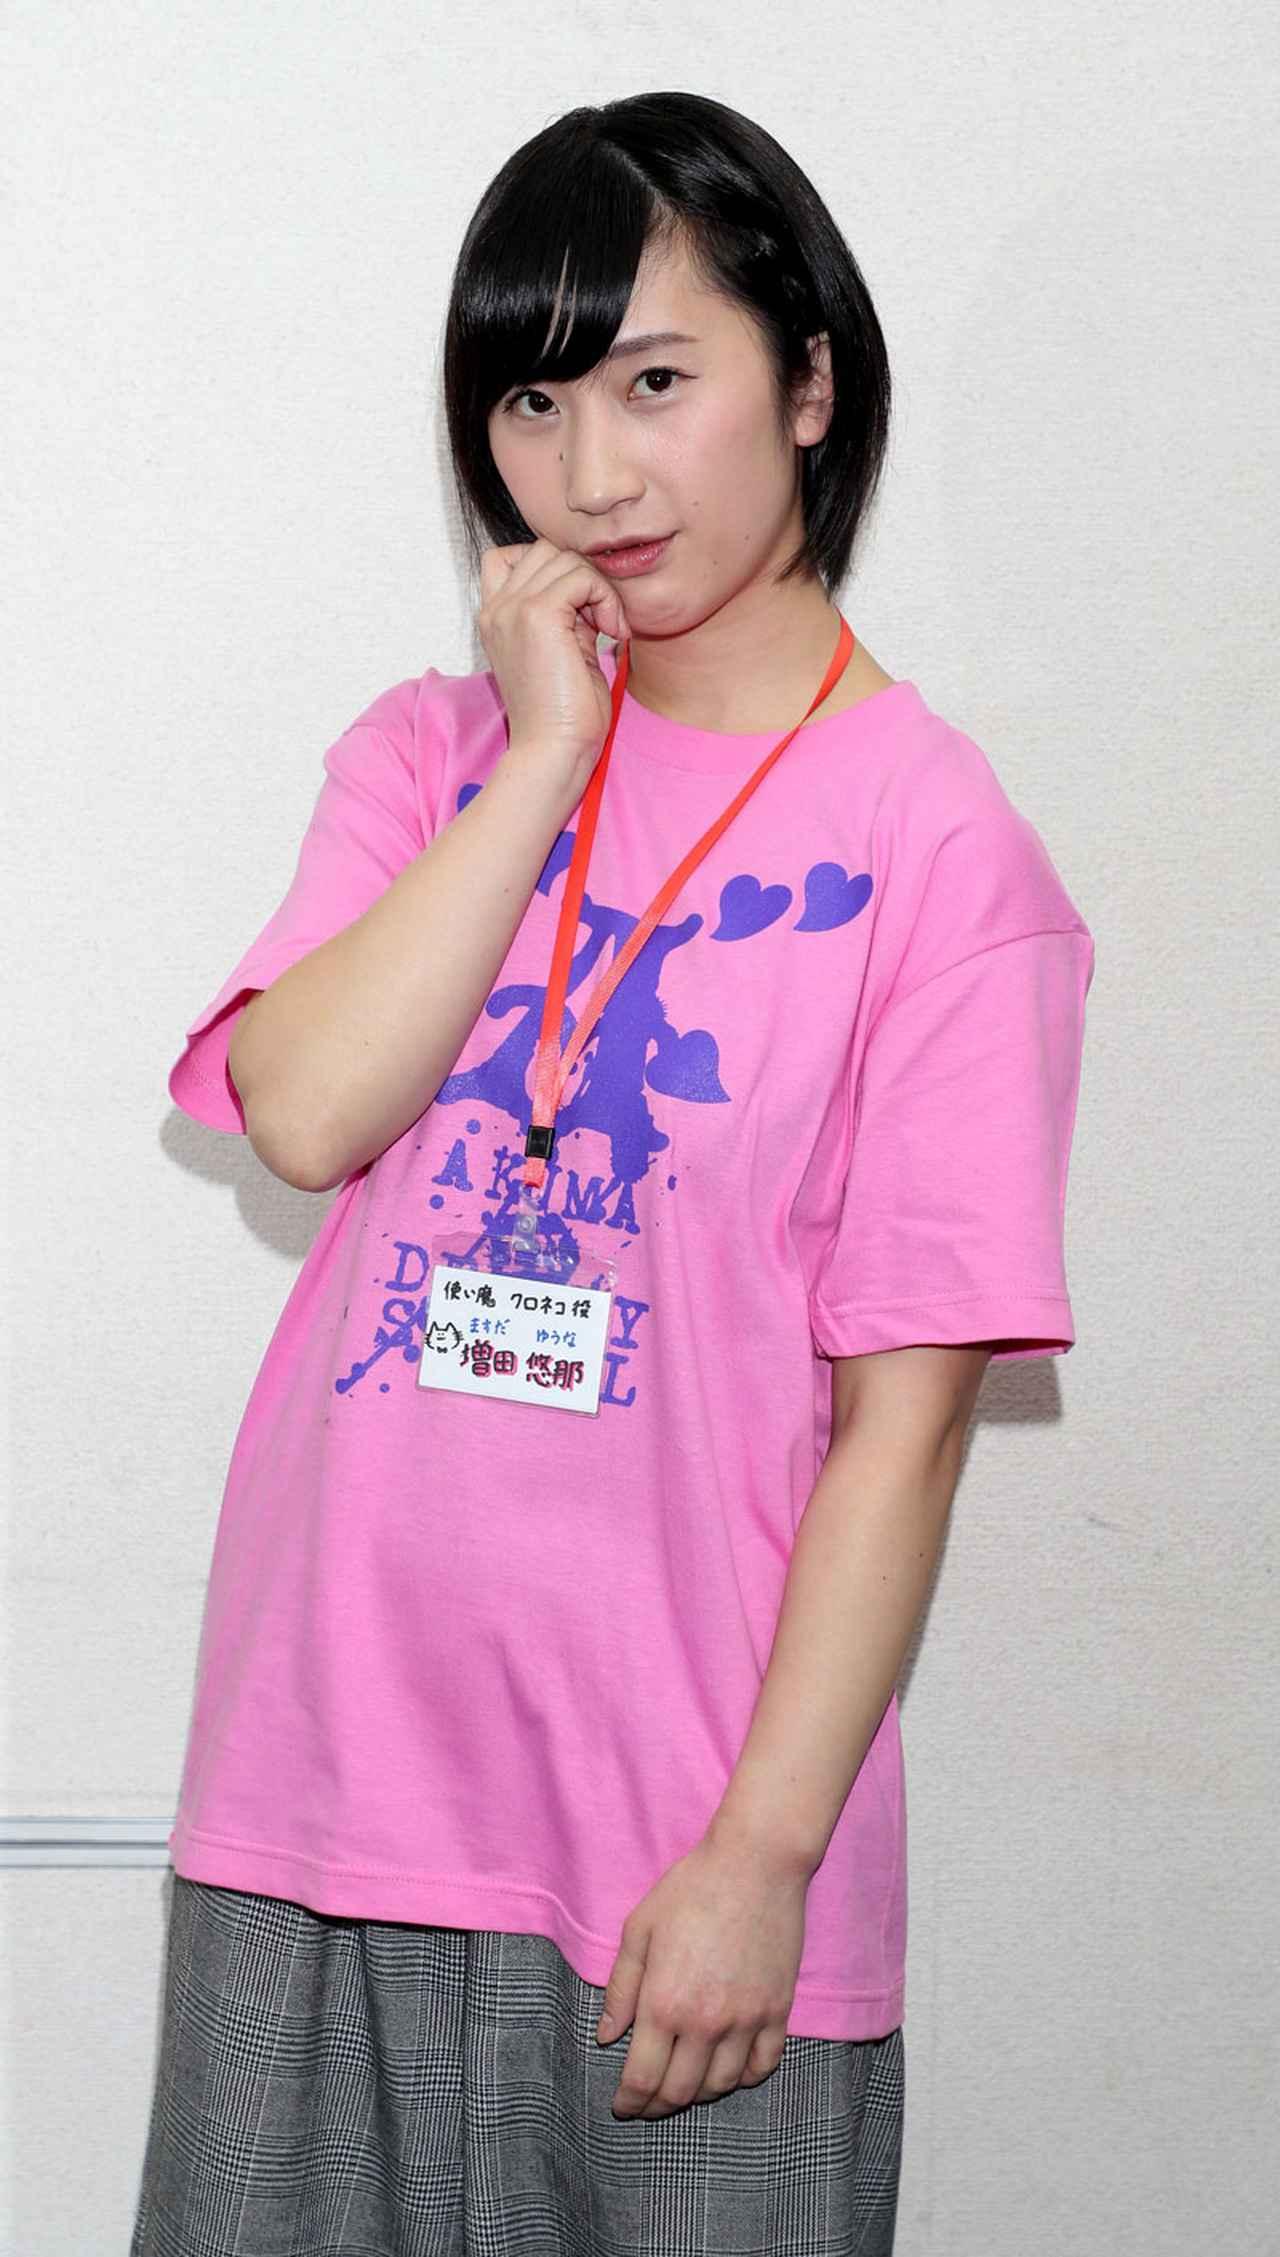 画像 : 4番目の画像 - 「増田悠那/アリスインプロジェクト「悪魔inデッドリースクール」で新境地のコメディに挑戦。「アクションがすごい女優として、もっと知られる存在になりたい」」のアルバム - Stereo Sound ONLINE